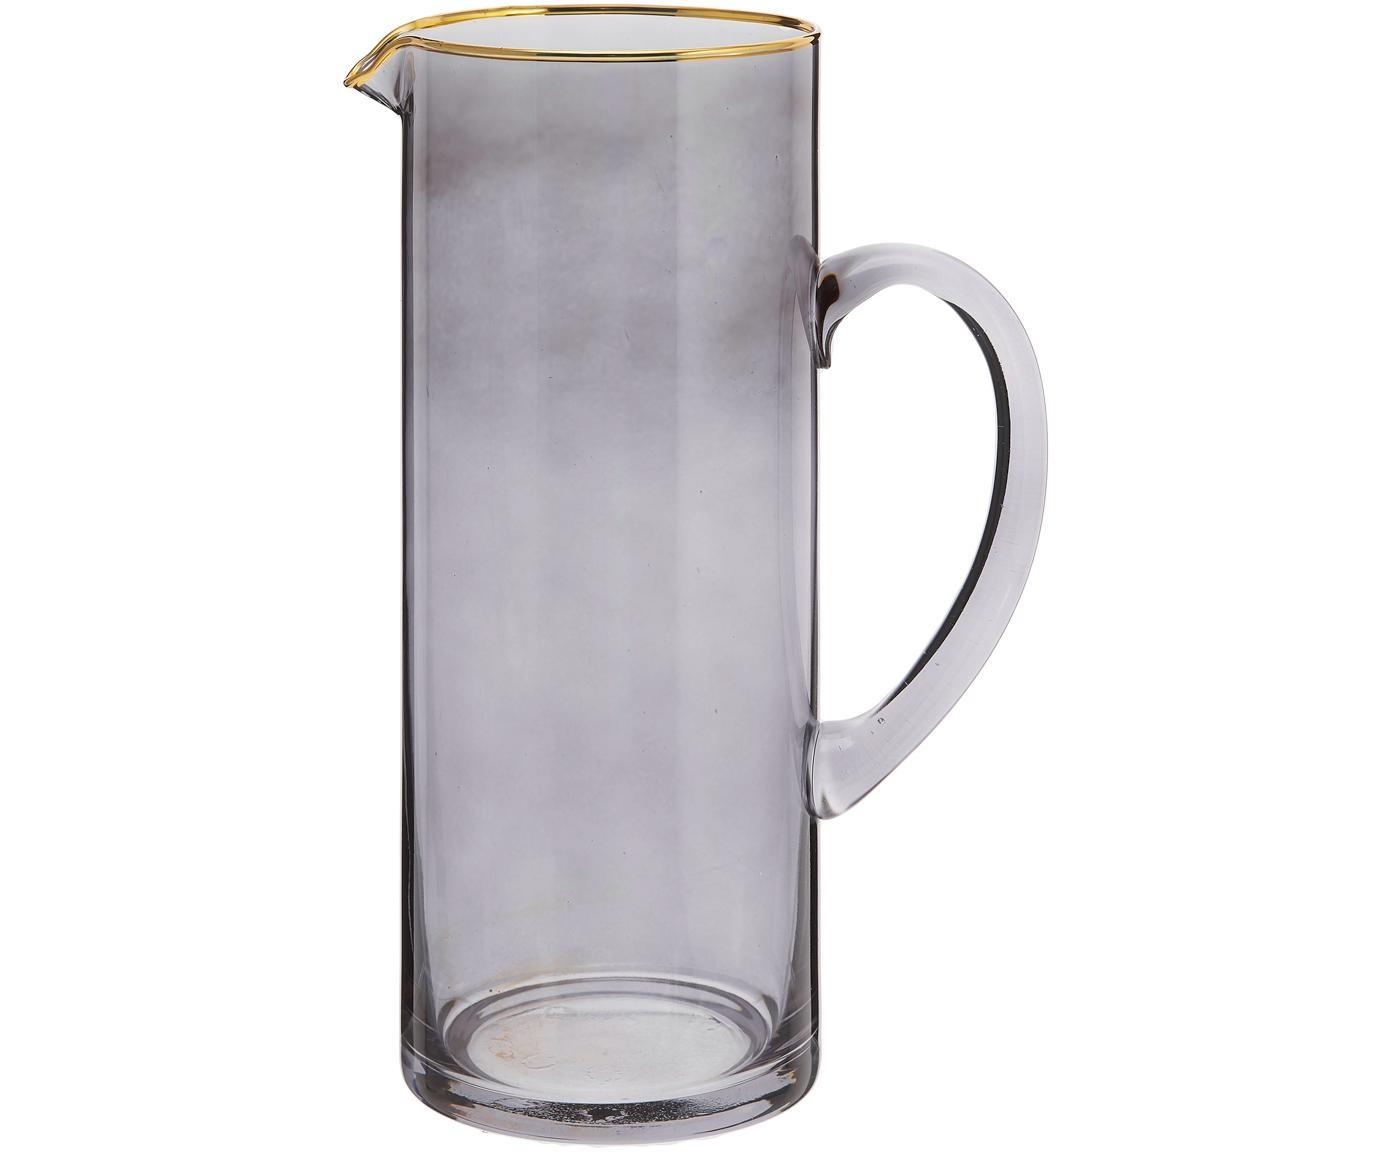 Karaf Chloe, Glas, Grijsblauw, 1.6 L